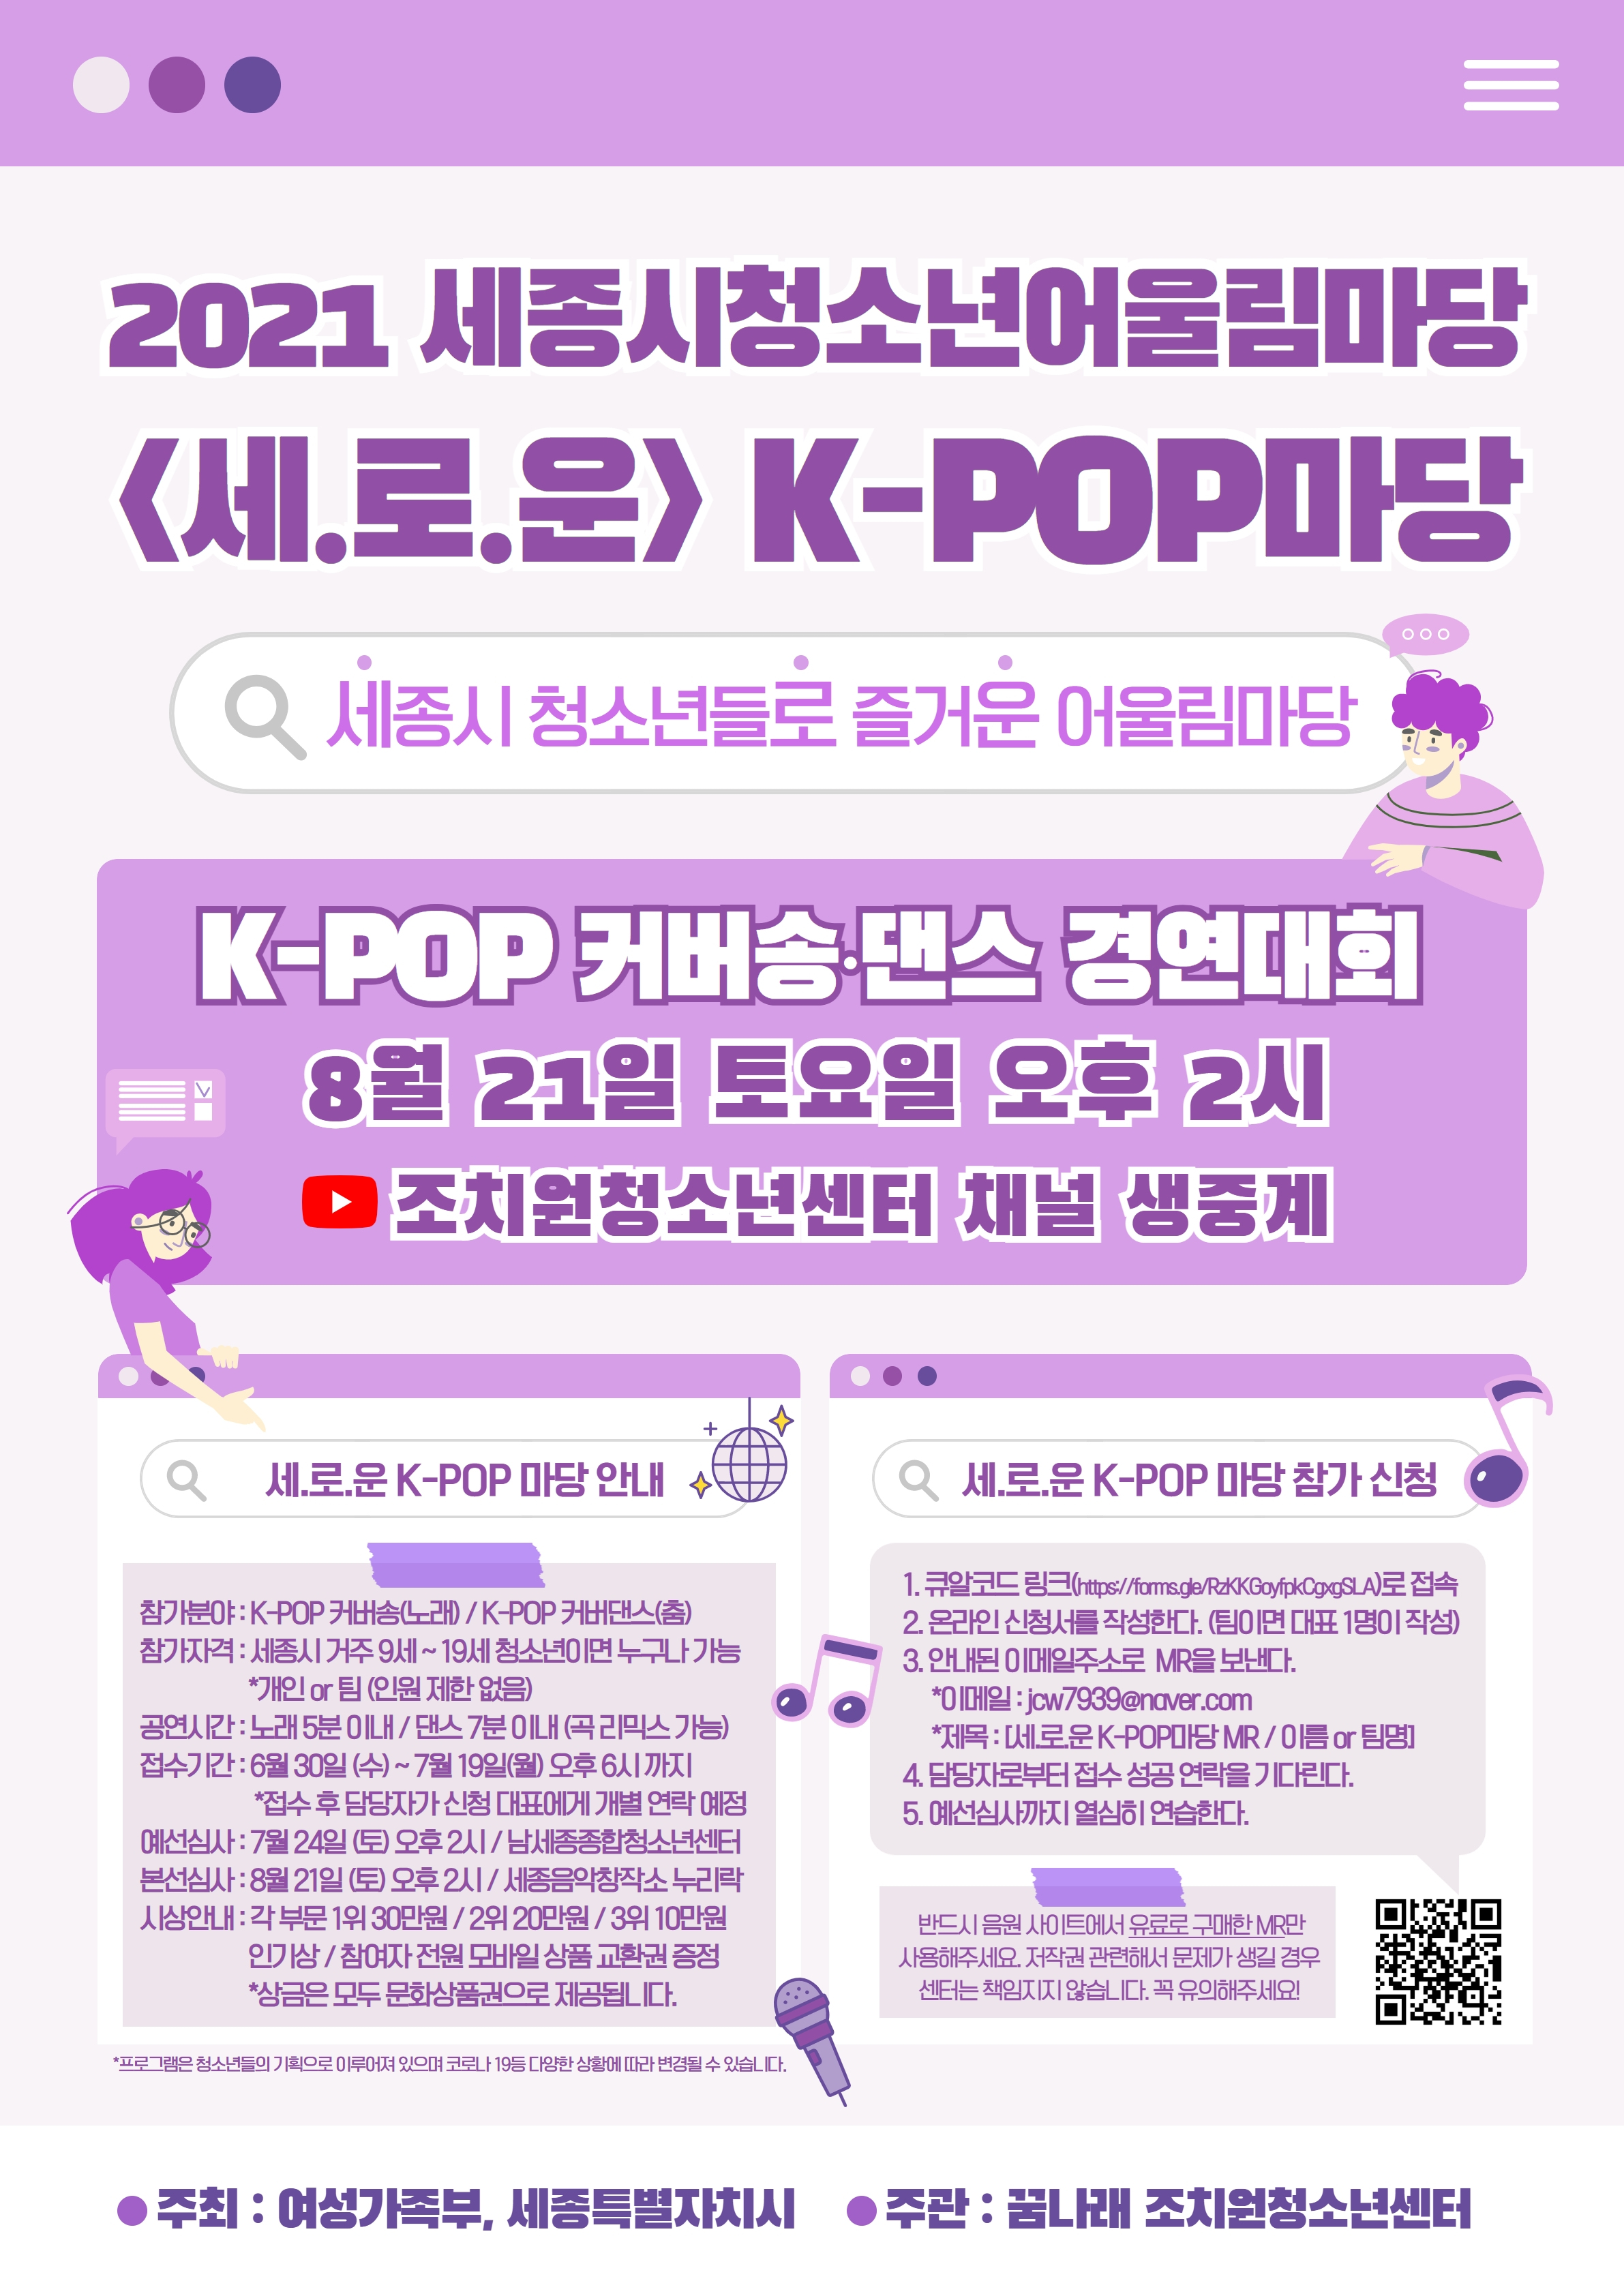 21-07-01 수신266.[붙임1]「2021년 청소년어울림마당 3회기 세.로.운 K-POP 마당」안내 포스터.jpg